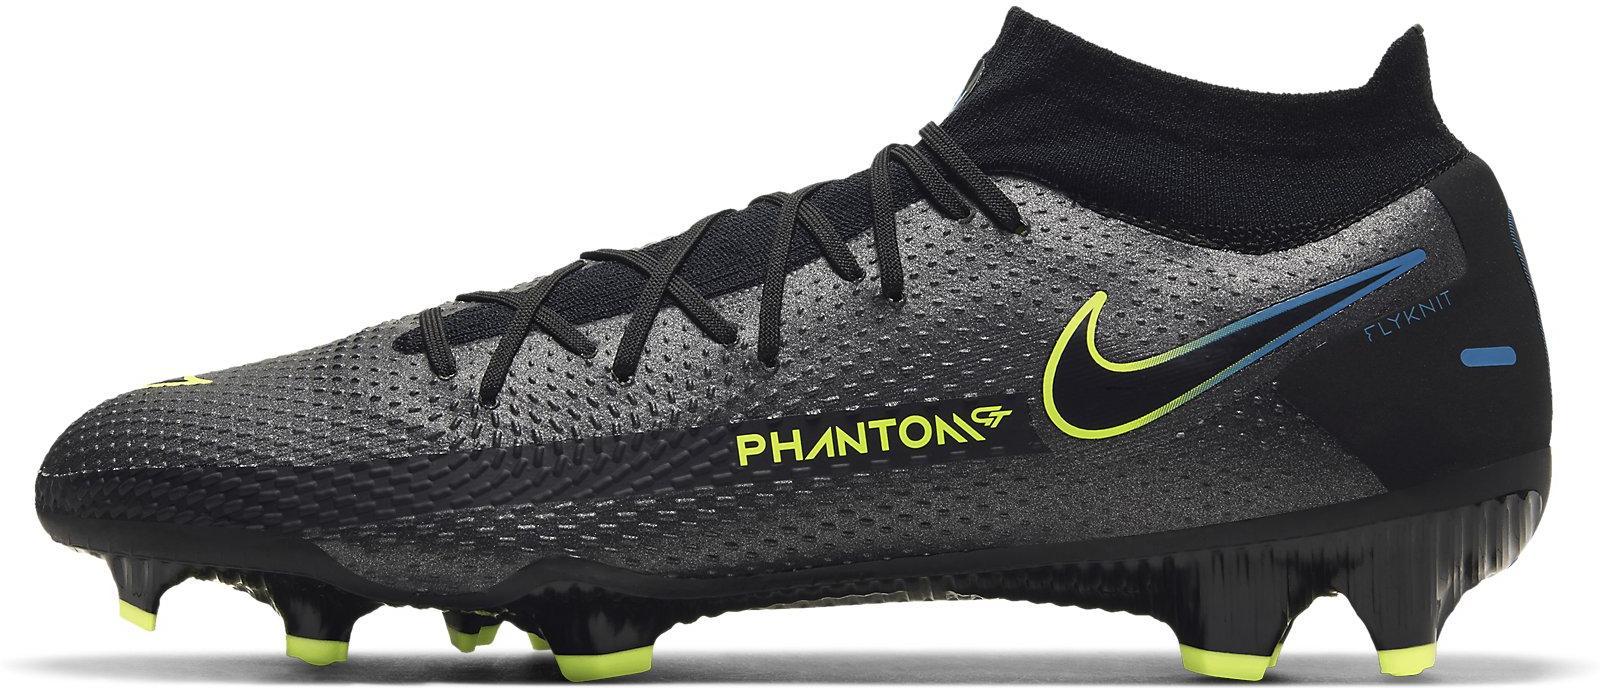 Kopačky Nike  Phantom GT Pro Dynamic Fit FG černá